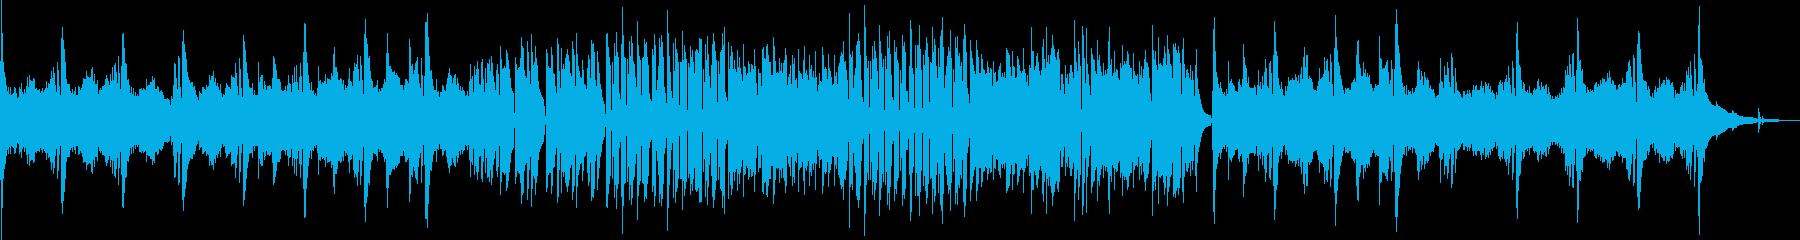 秋風のような流れるクラシックギター Bの再生済みの波形